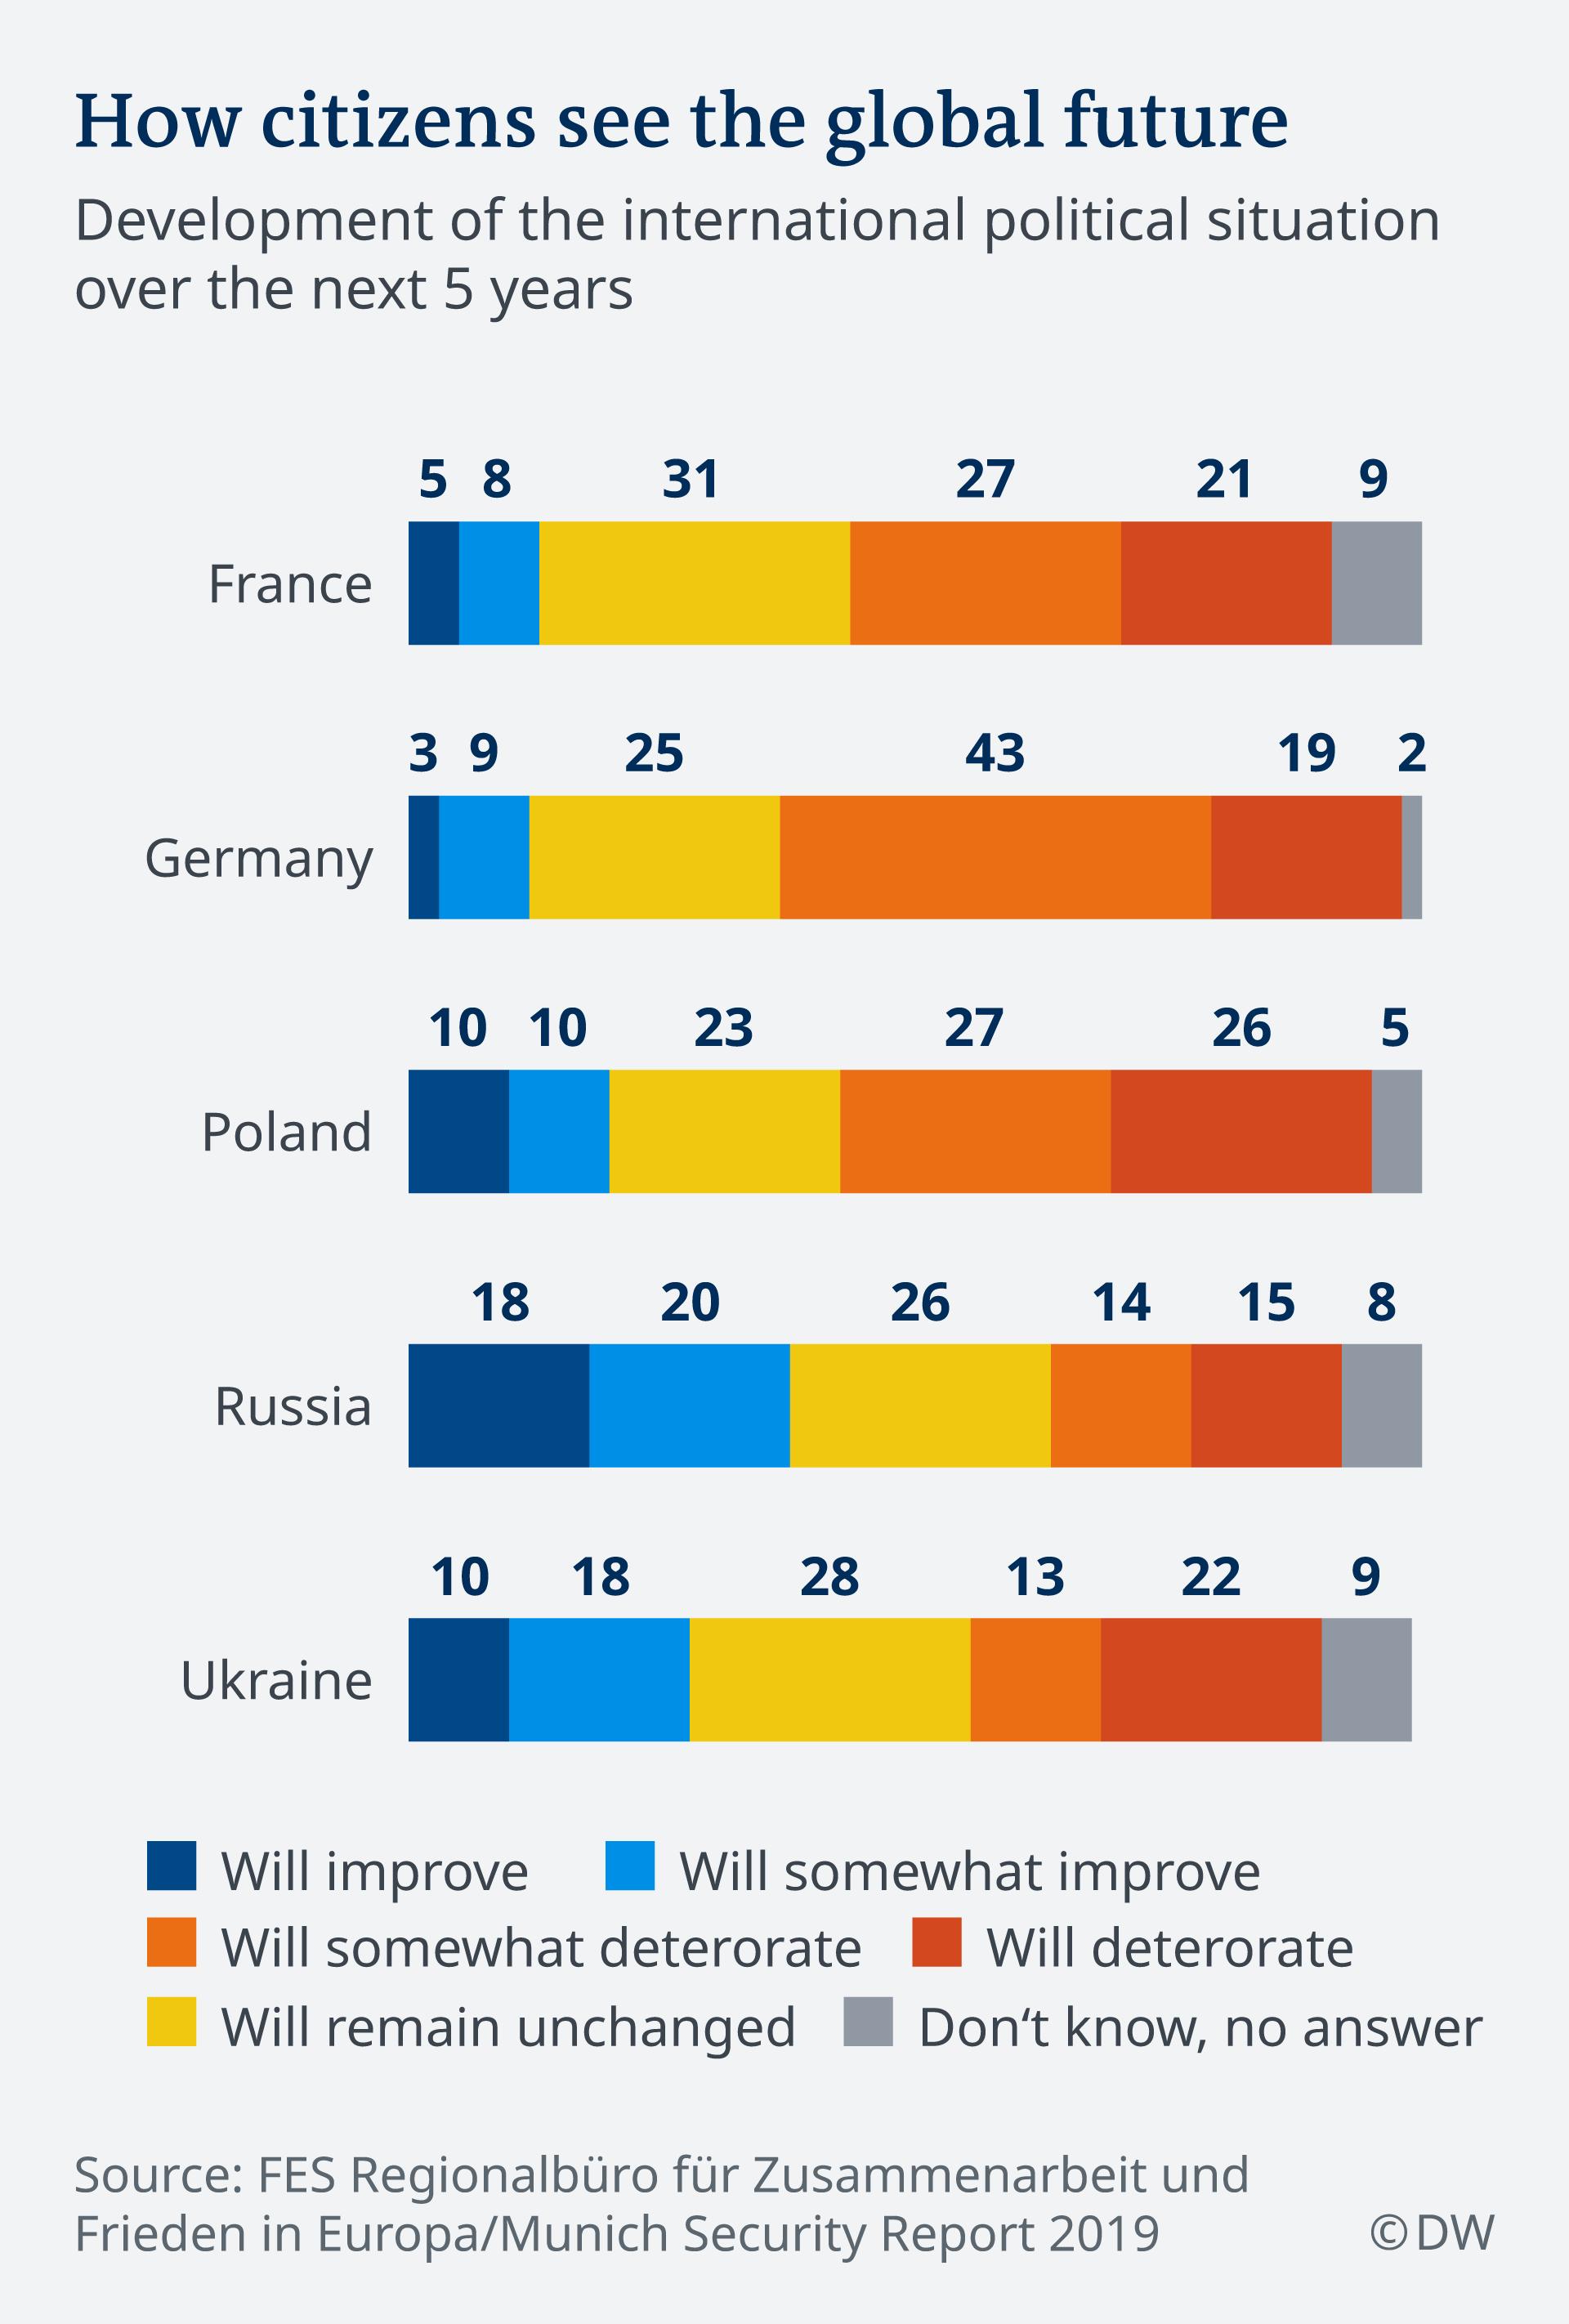 Infografik Entwicklung der internationalen politischen Lage in den nächsten 5 Jahren EN